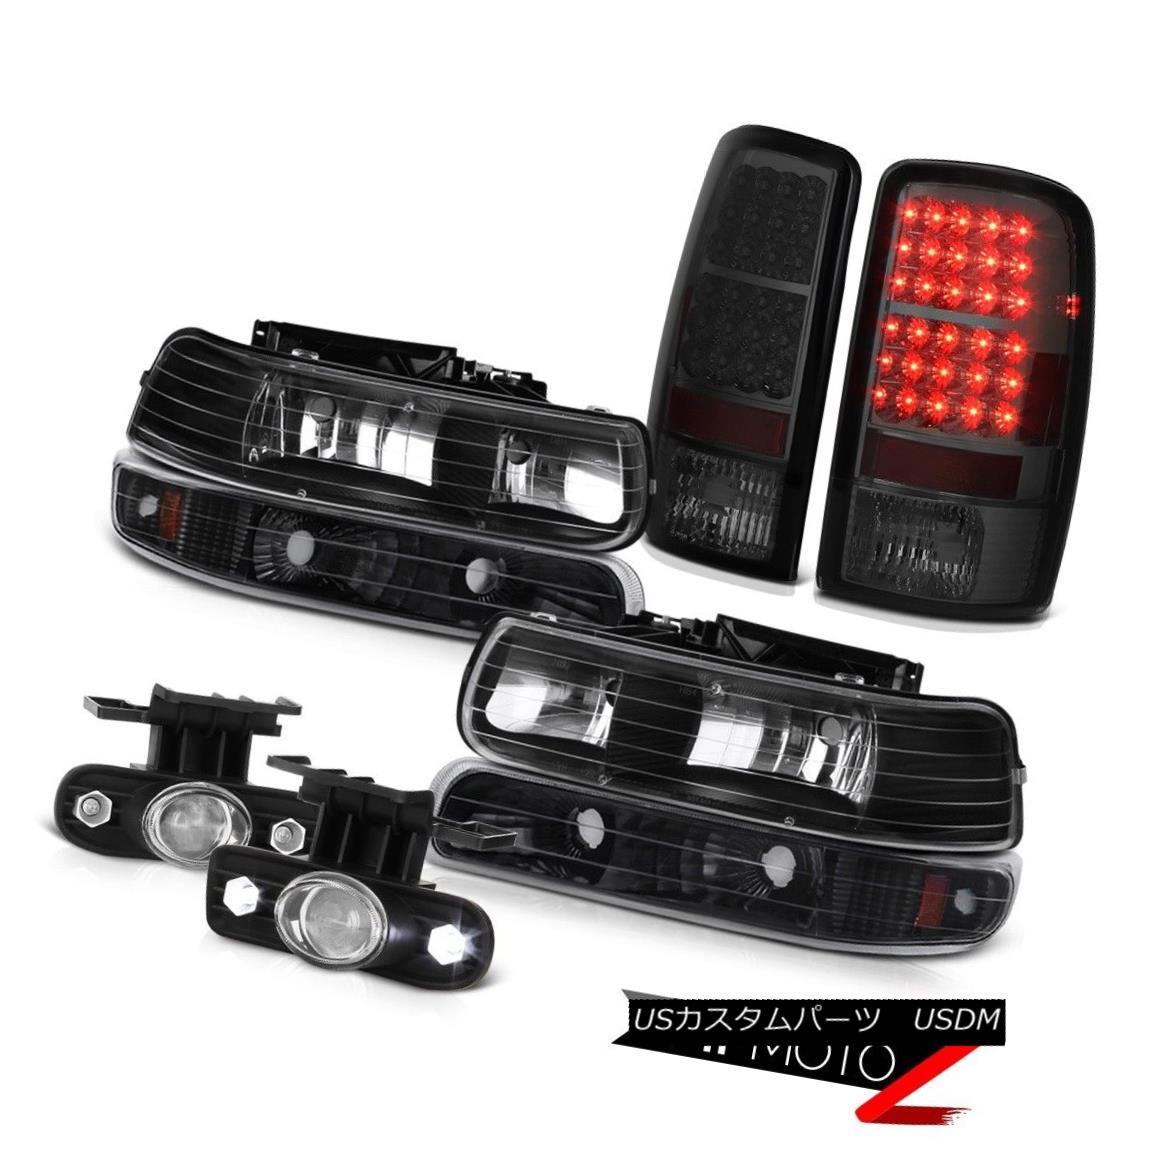 ヘッドライト 00-06 Tahoe LS Black Headlights Headlamps Bumper Smoke LED Brake Lamp Chrome Fog 00-06タホLSブラックヘッドライトヘッドランプバンパースモークLEDブレーキランプクロムフォグ